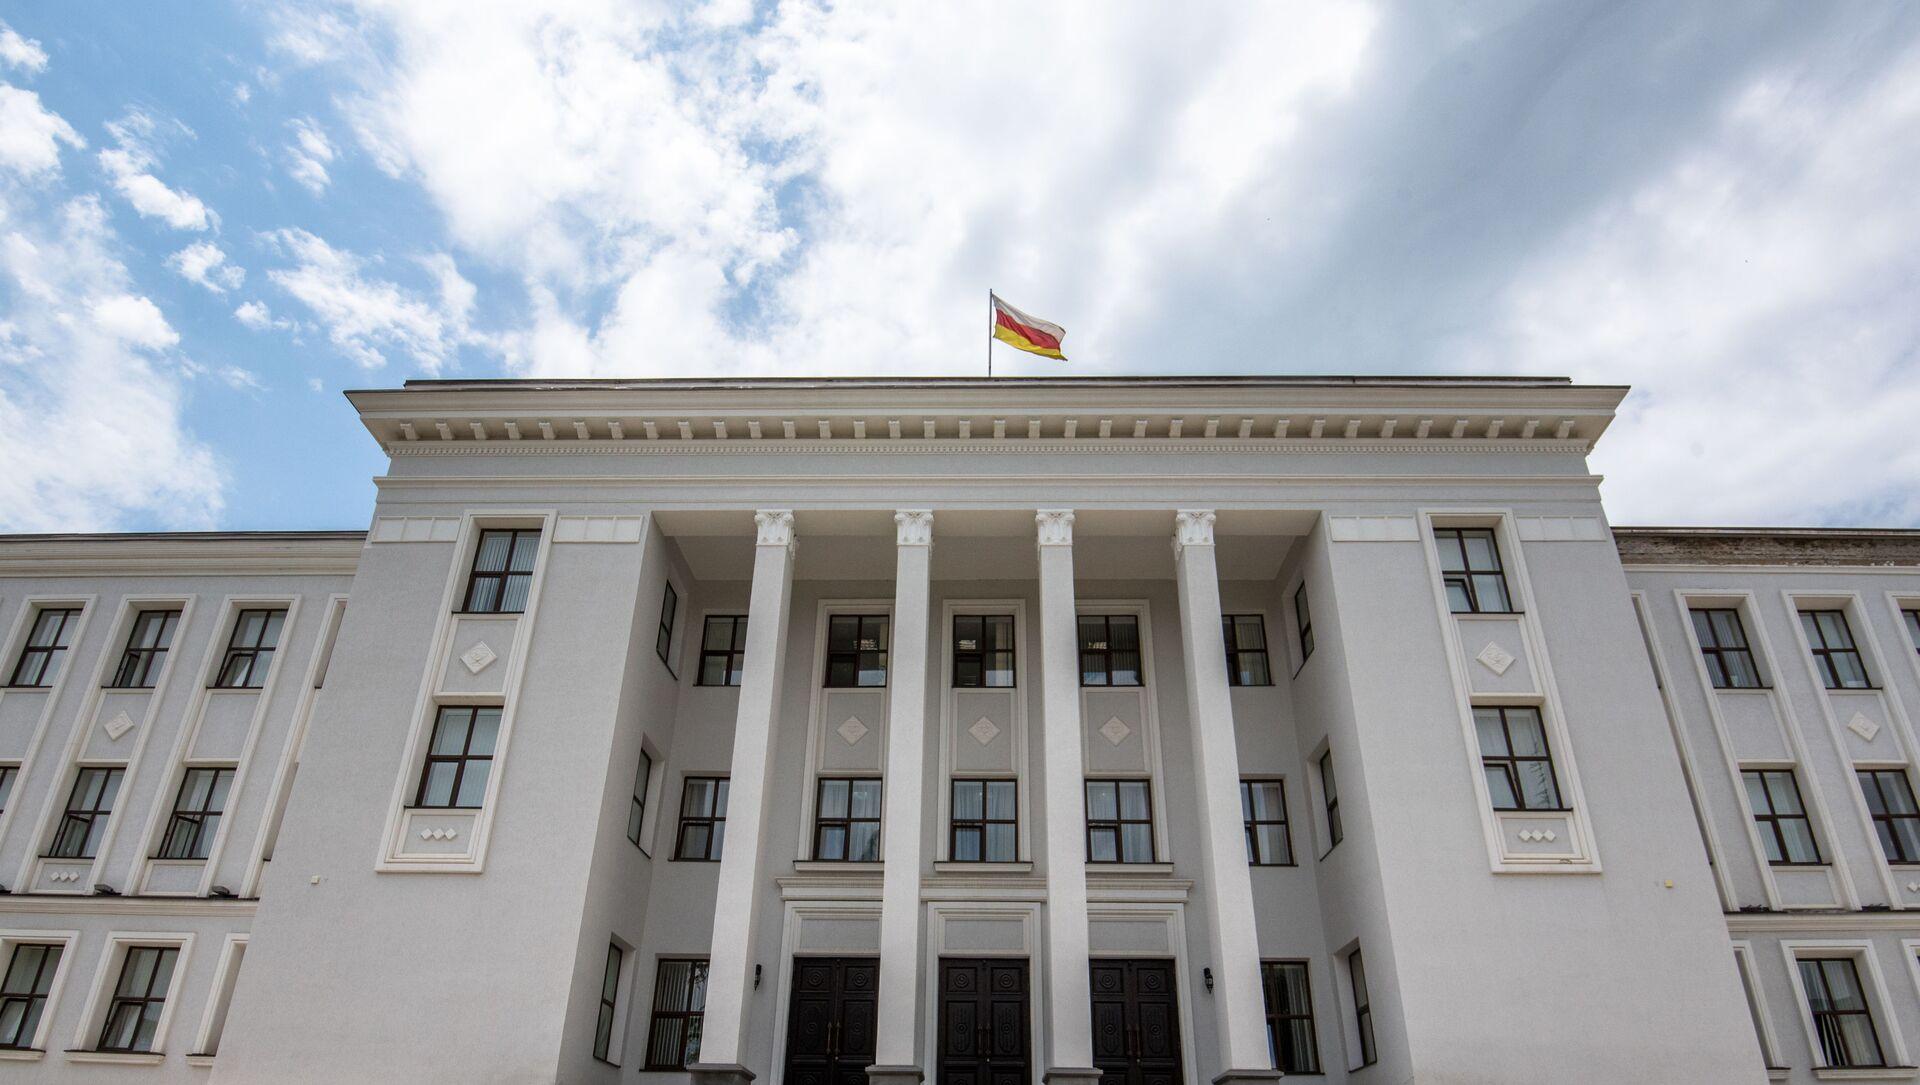 Здание Парламента Республики Южная Осетия в Цхинвале. - Sputnik Абхазия, 1920, 19.09.2021